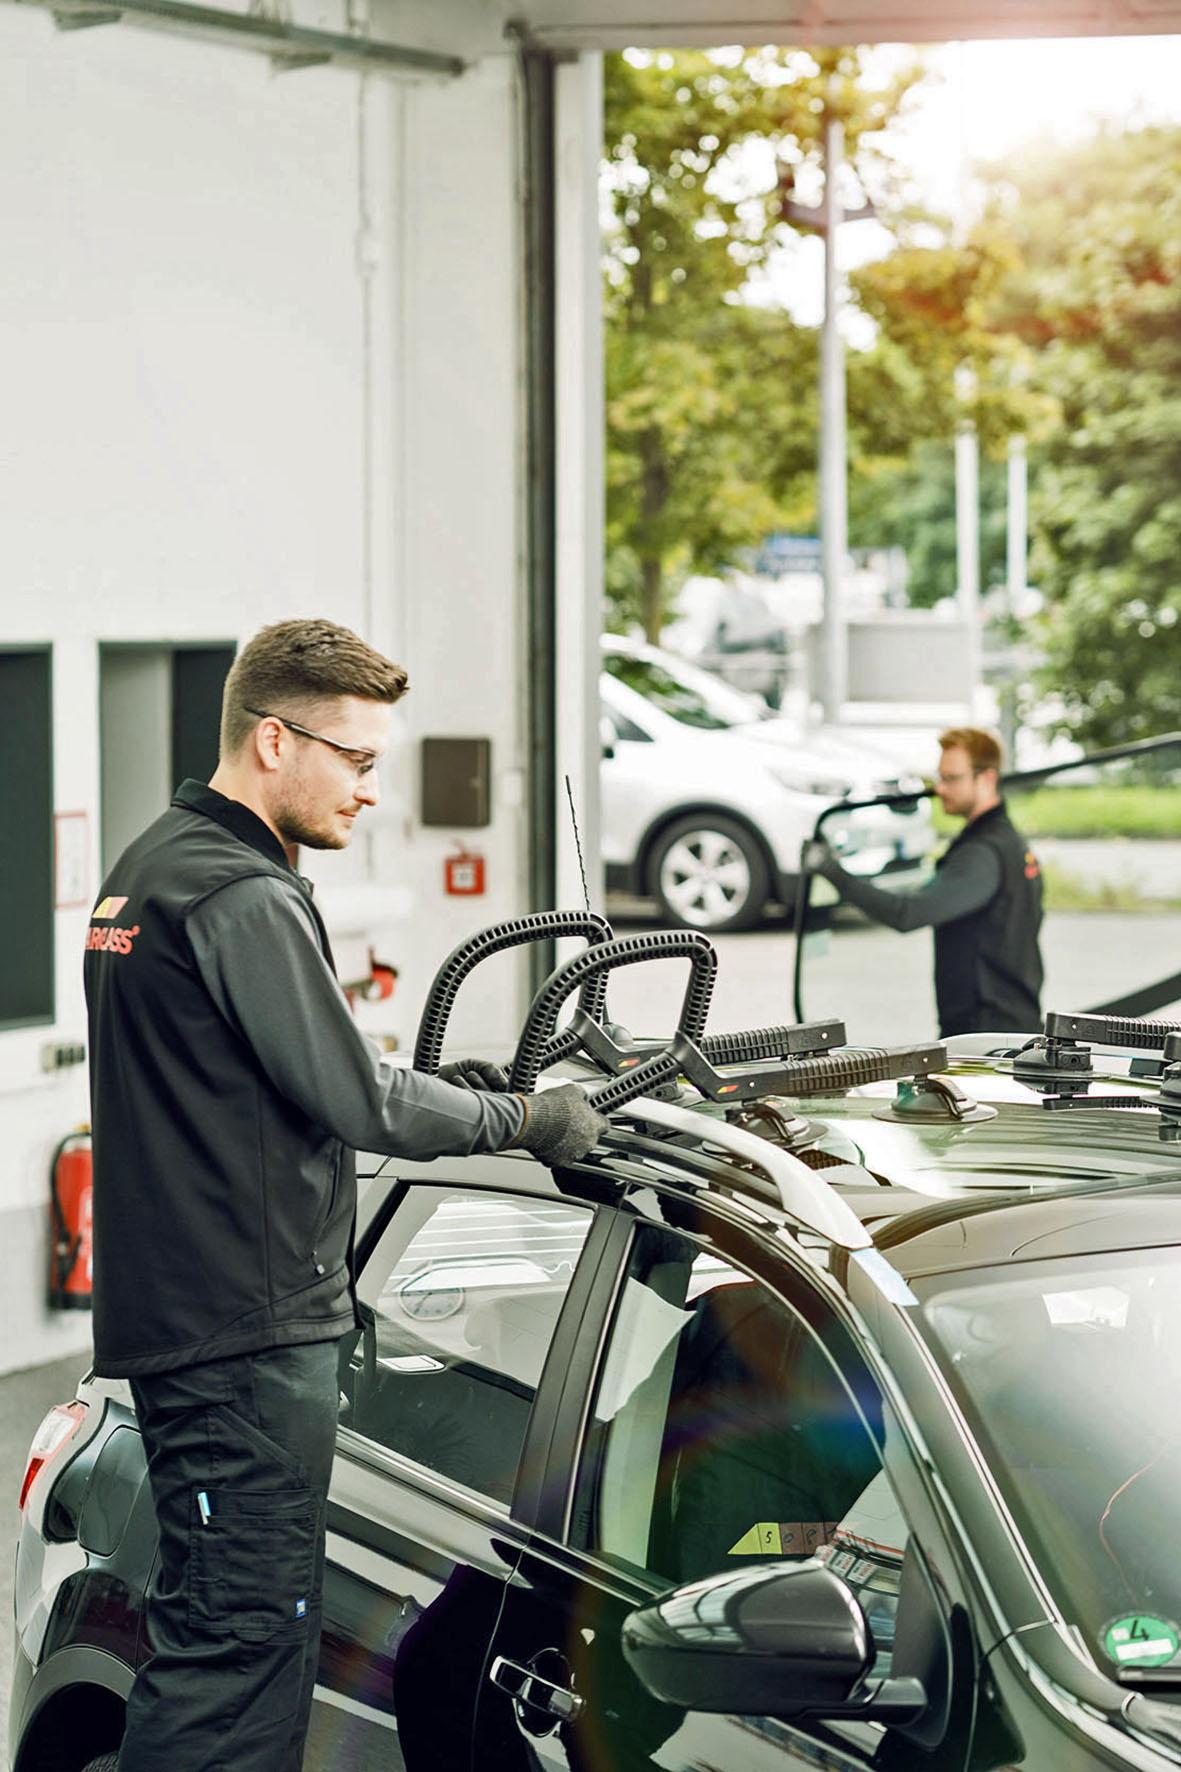 Ein Scheibentausch am Fahrzeug gehört in Profihände: Fachbetriebe verfügen über die notwendige Erfahrung und die technische Ausstattung - Nach einem Scheibentausch